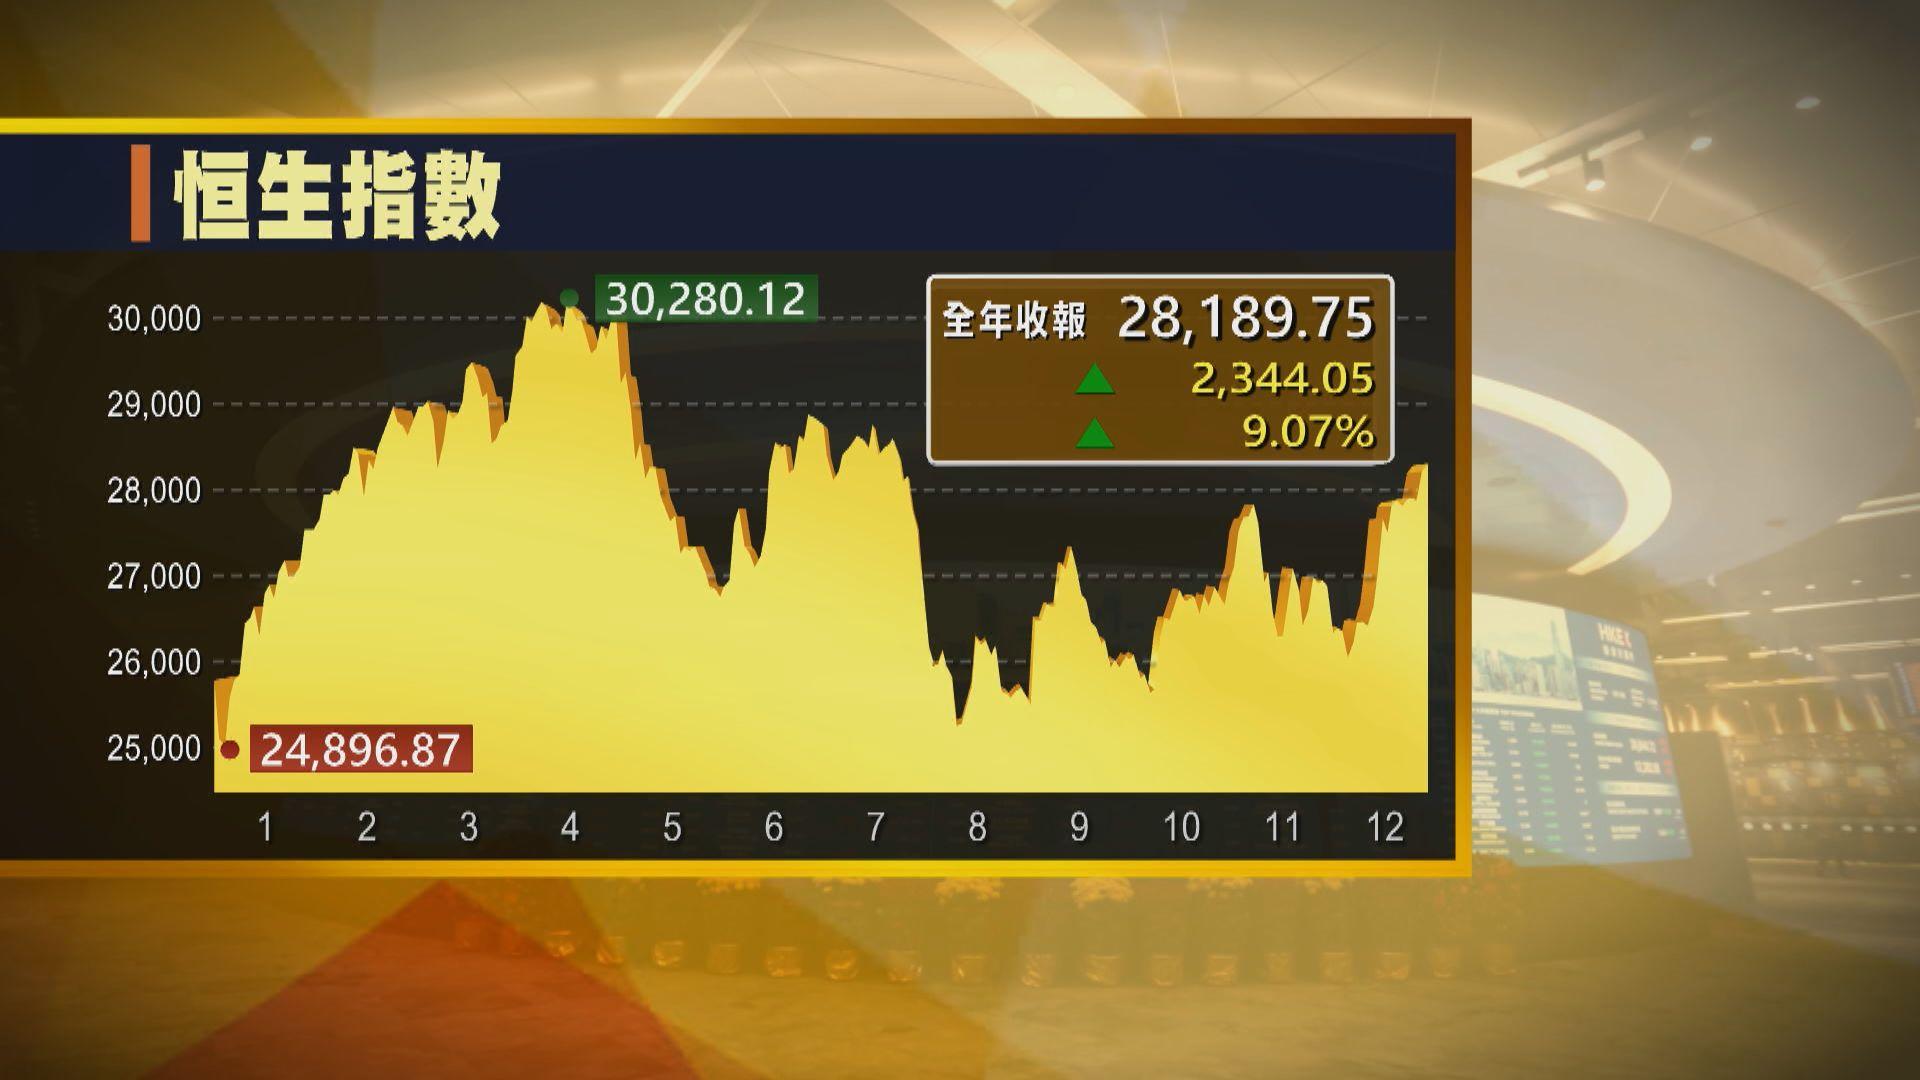 【最後交易日】恒指跌129點 全年升2344點